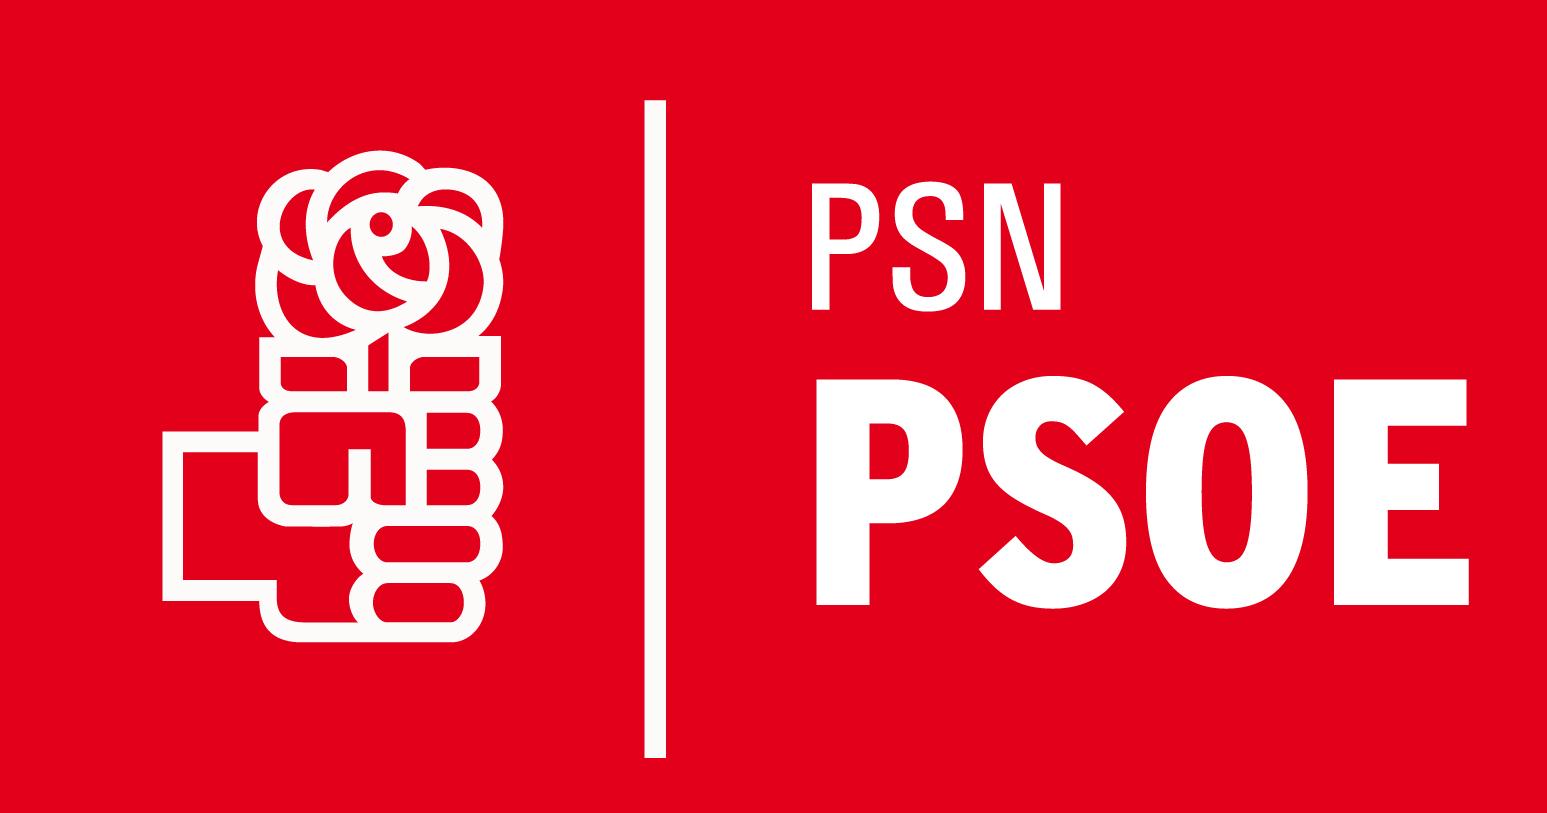 Resultado de imagen de psn-psoe.org